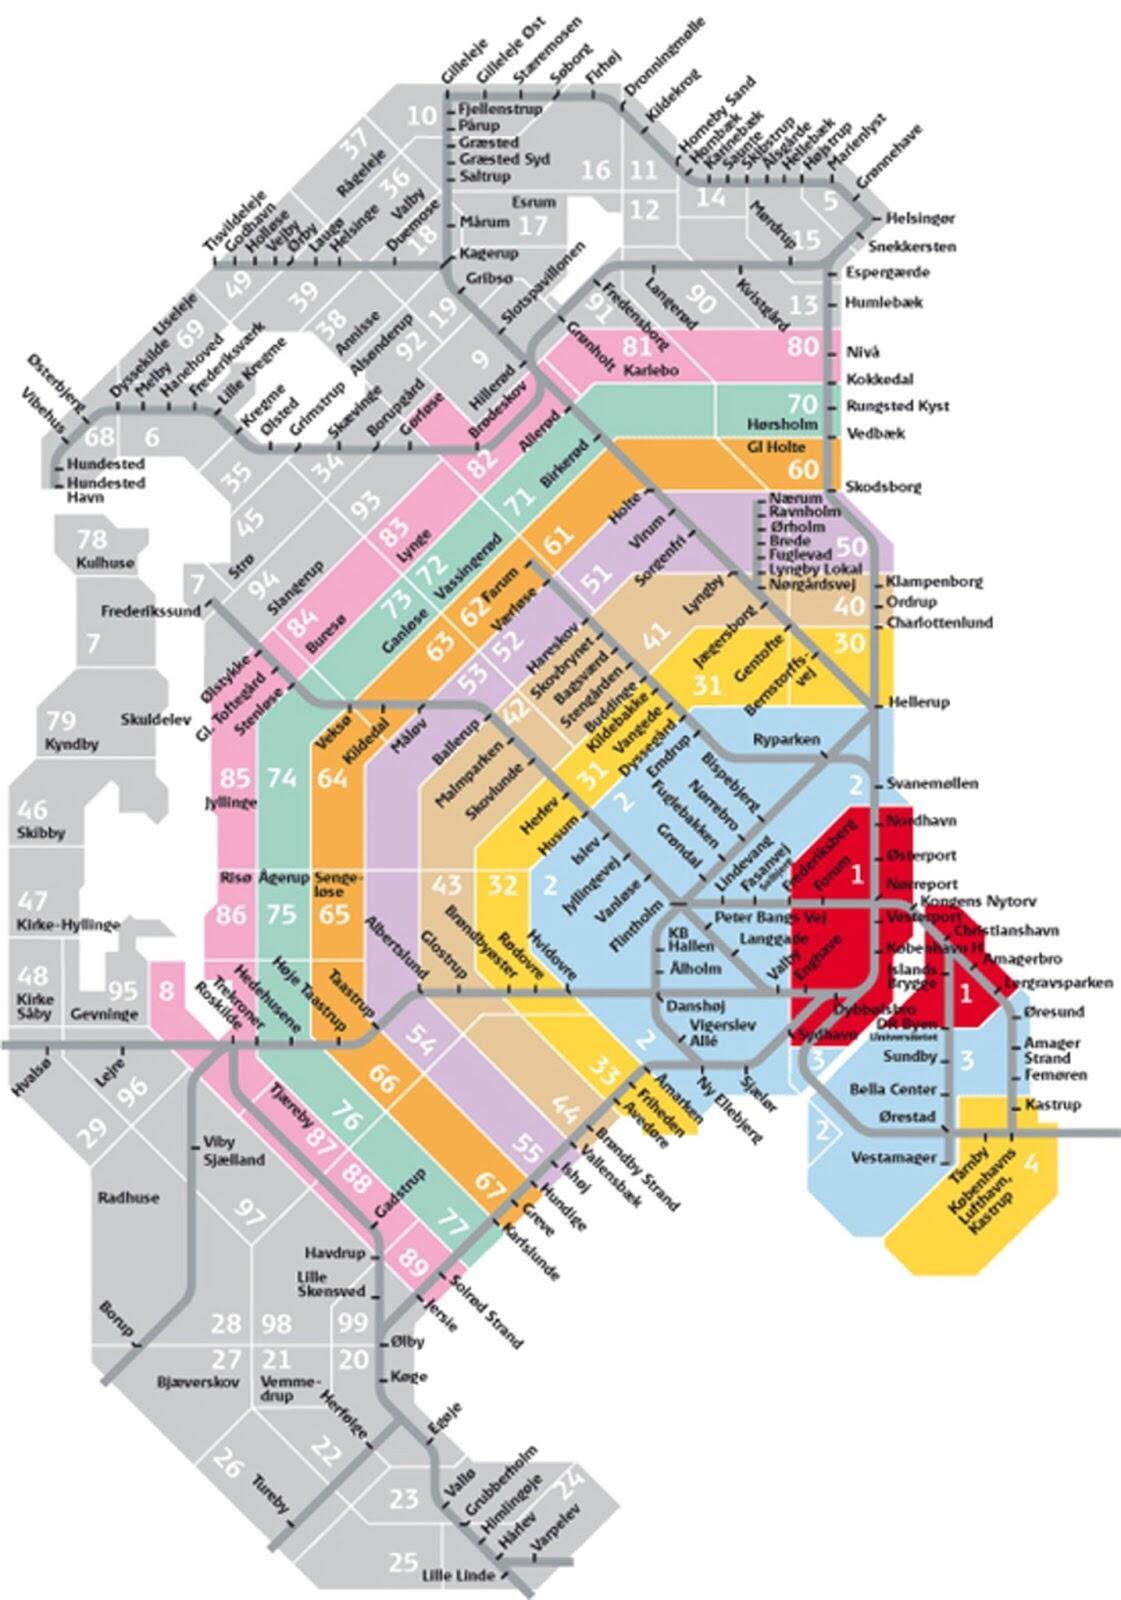 Dsb zonekort hovedstadsområdet